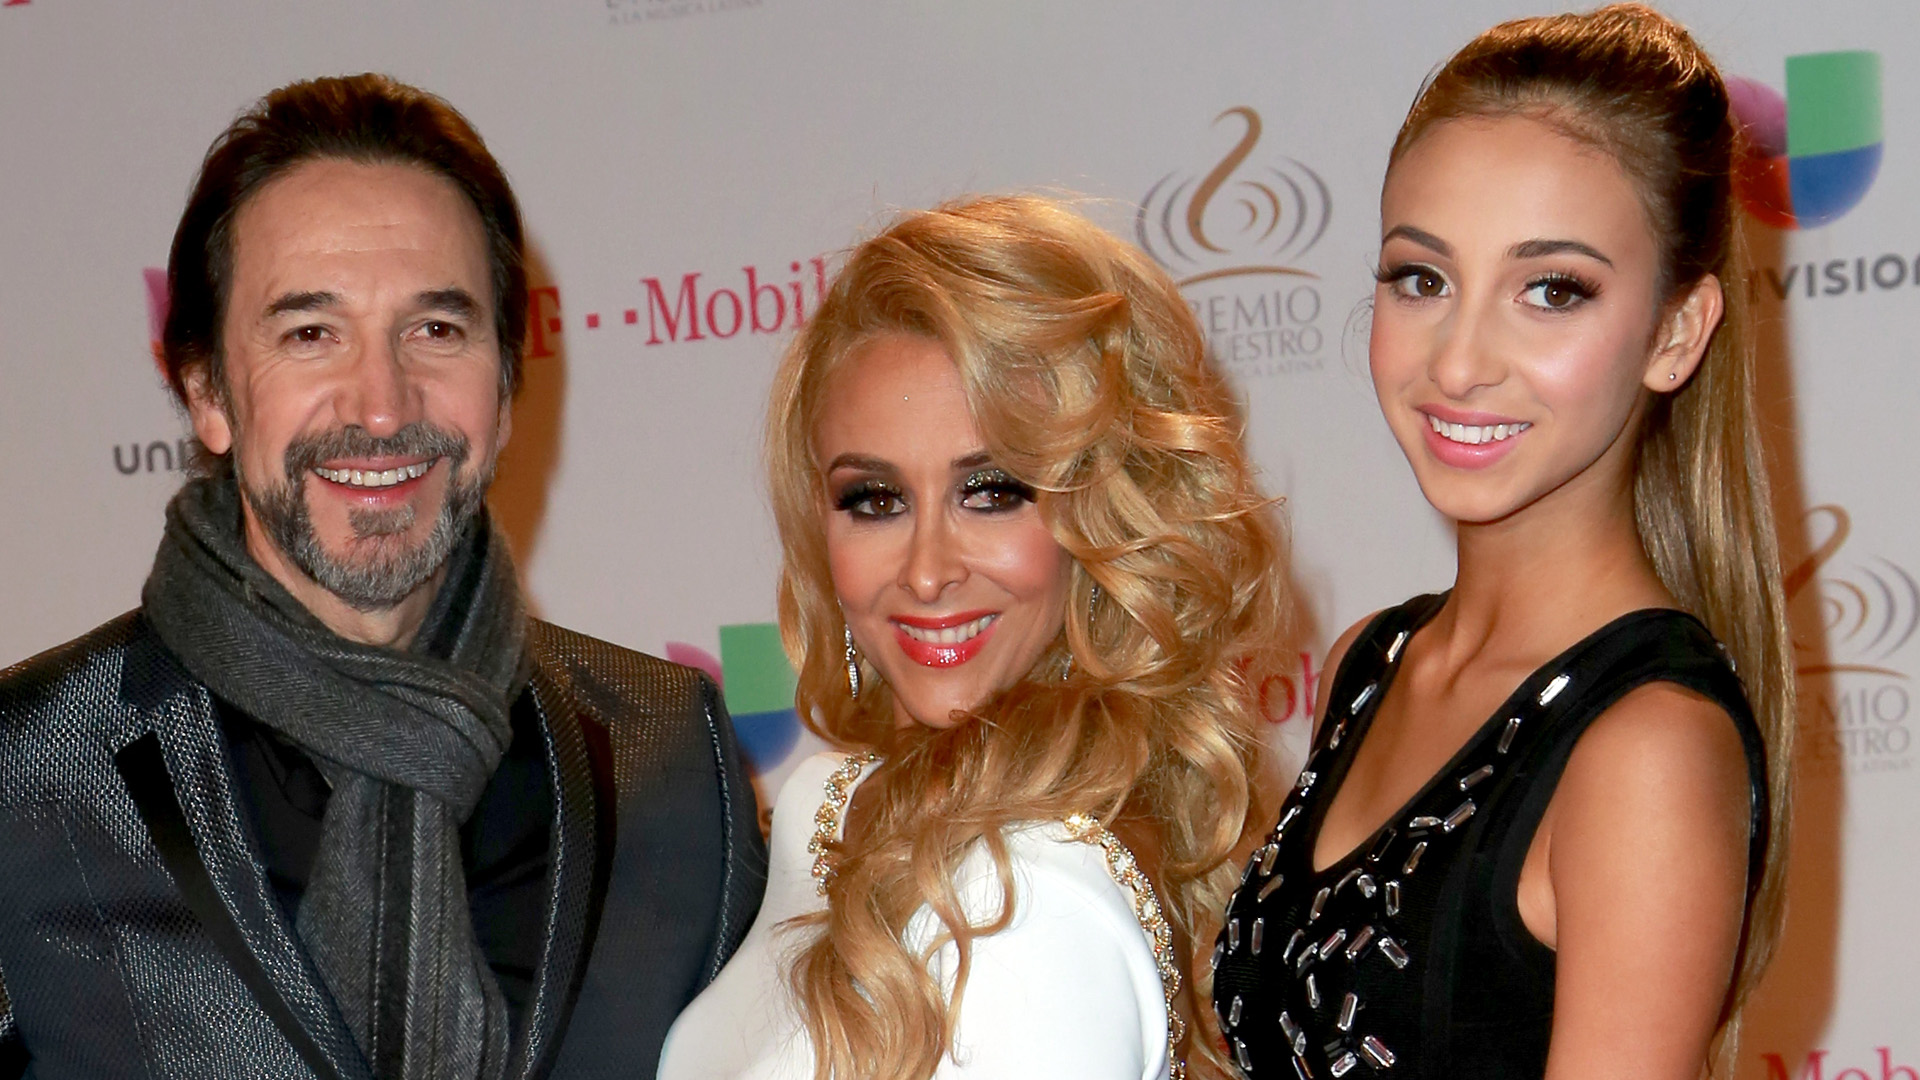 La hija de \'El Buki\' se luce como modelo en Los Ángeles - Univision